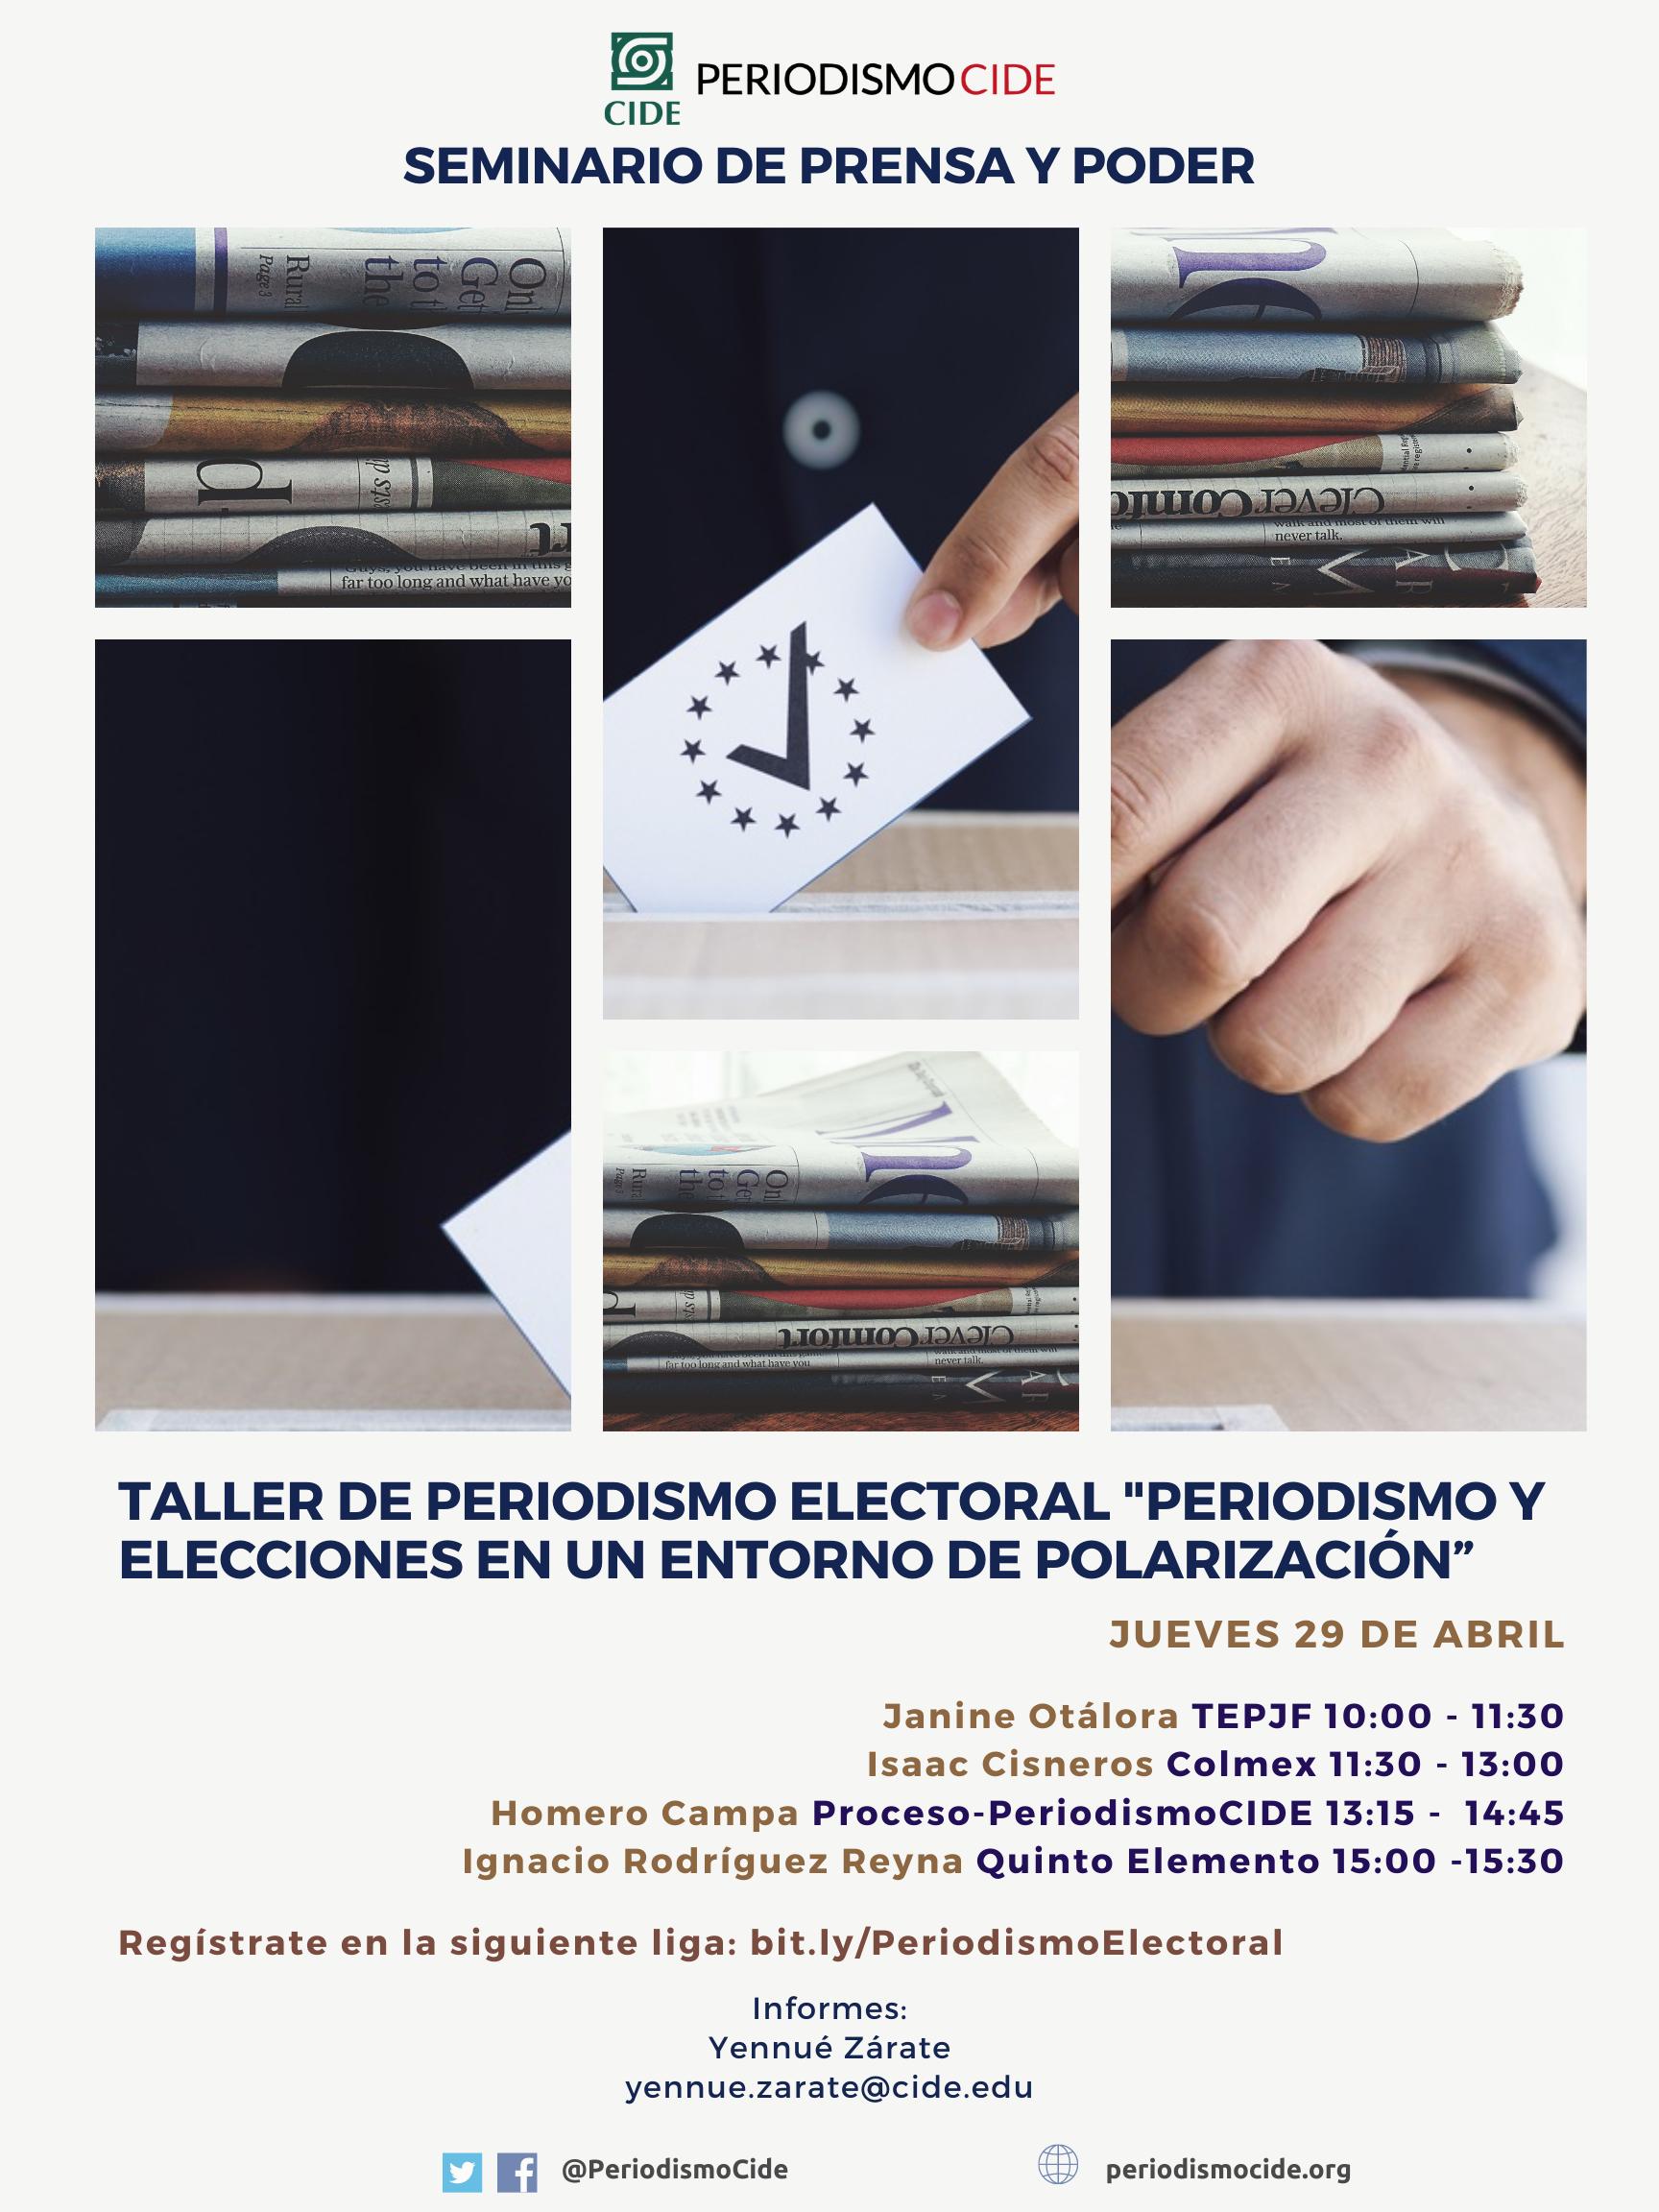 Seminario de Prensa y Poder: Taller de Periodismo Electoral «Periodismo y Elecciones en un Entorno de Polarización»